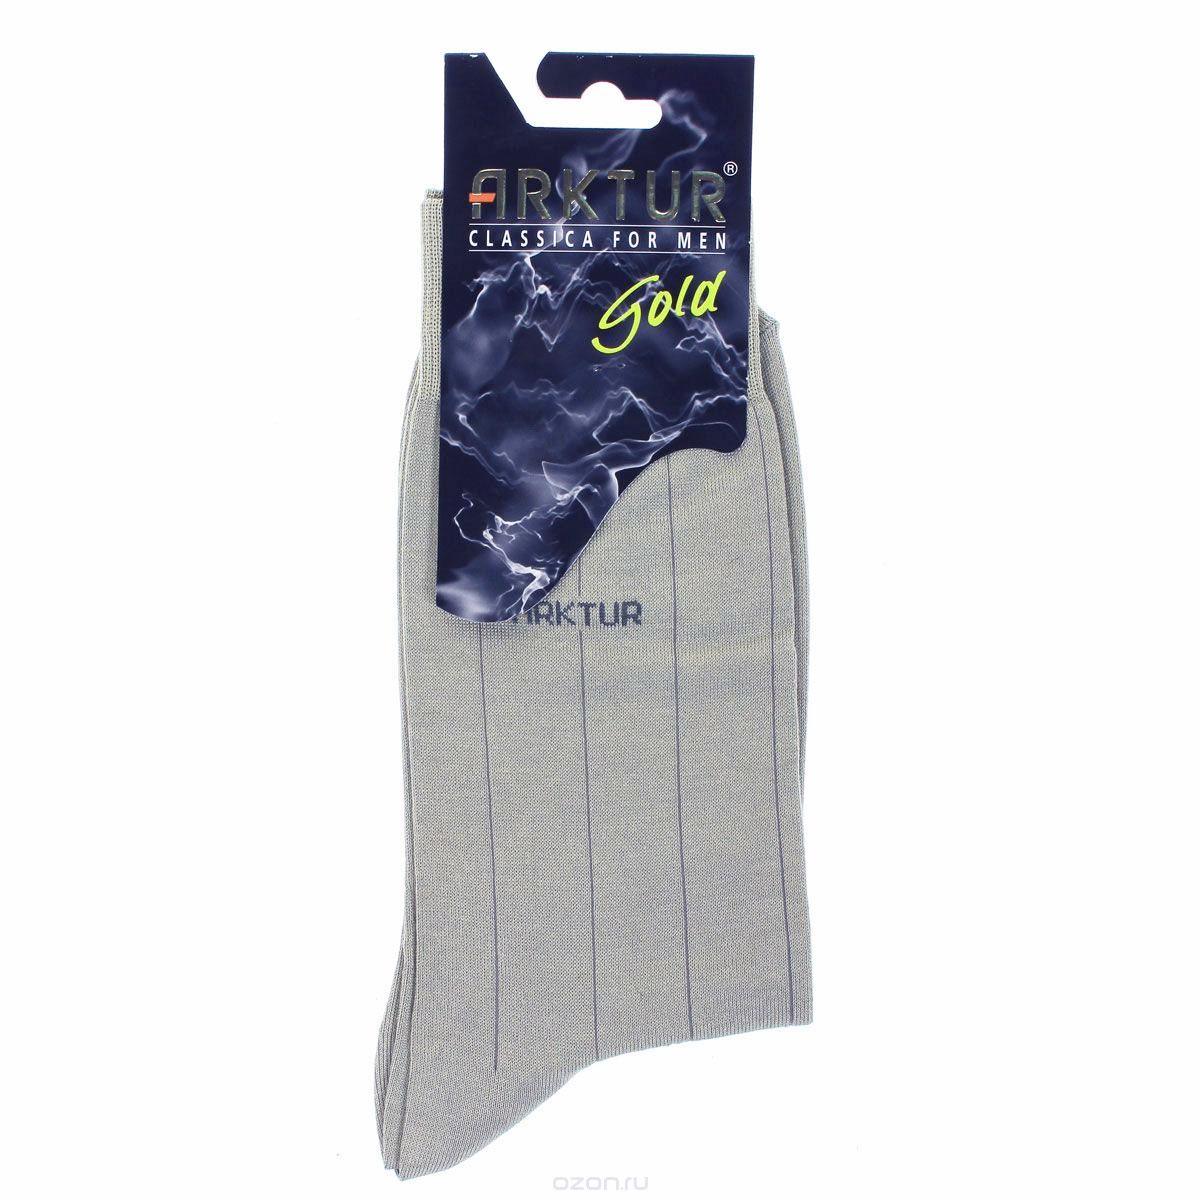 НоскиЛ151_4Мужские носки Arktur престижного класса. Носки превосходного качества из мерсеризованного хлопка отличаются гладкой текстурой и шелковистостью, что создает приятное ощущение нежности и прохлады. Эргономичная резинка пресс-контроль комфортно облегает ногу. Носки обладают повышенной прочностью, не подвержены усадке. Усиленная пятка и мысок. Удлиненный паголенок. Идеальное сочетание практичности, комфорта и элегантности!